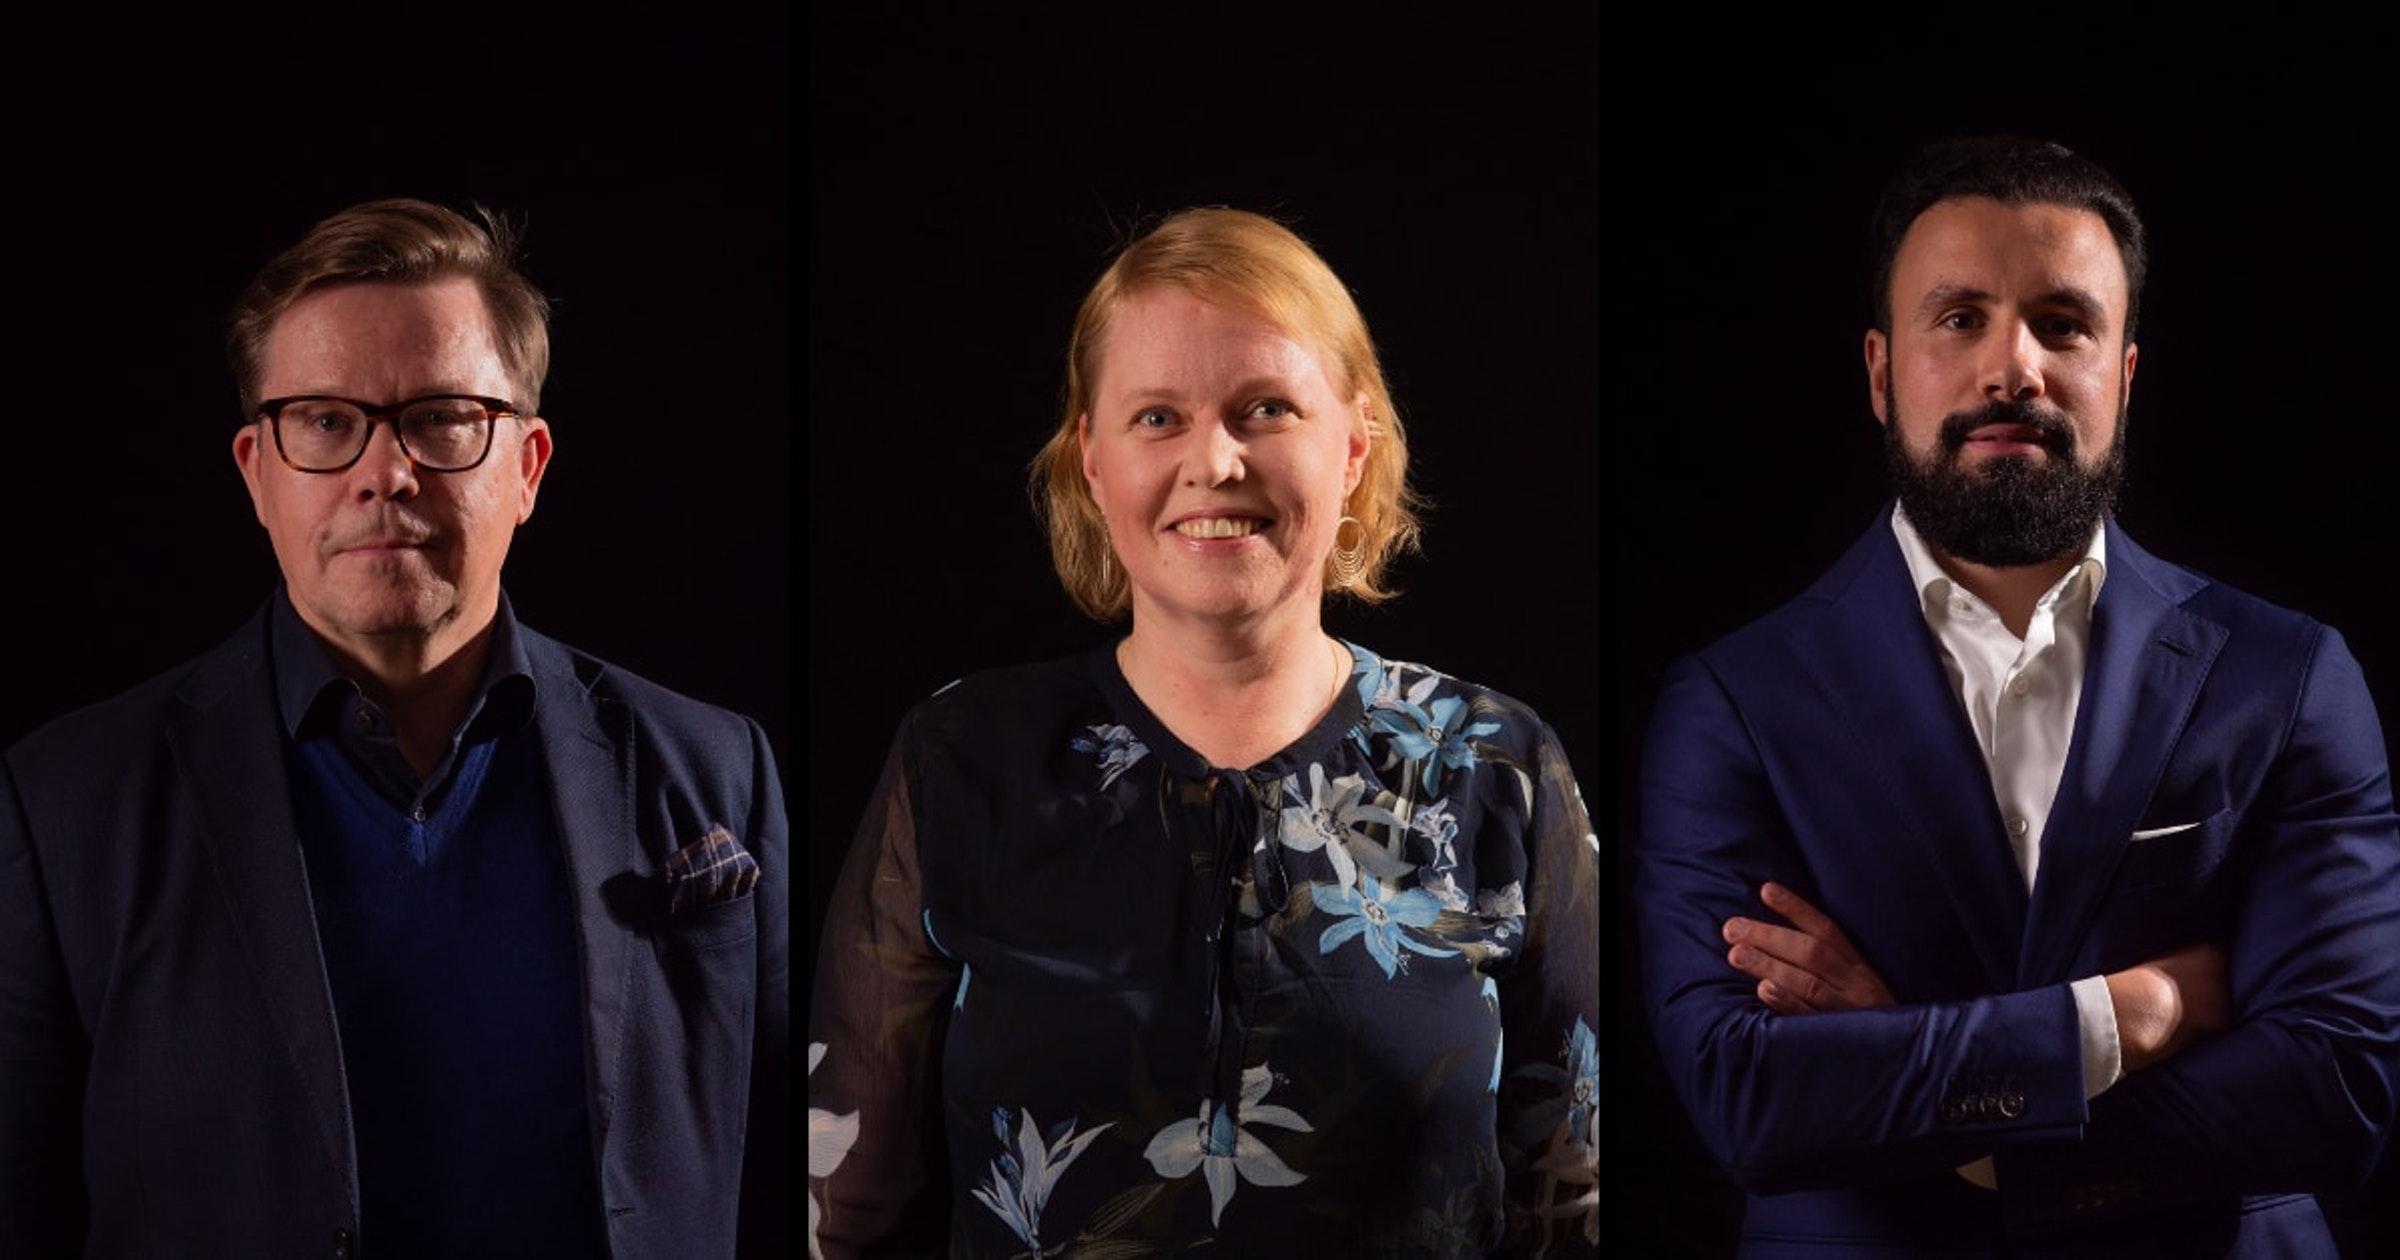 Yksi heistä on vuoden rekrytointialan kehittäjä – Katso, ketkä 3 upeaa ammattilaista etenivät finaaliin